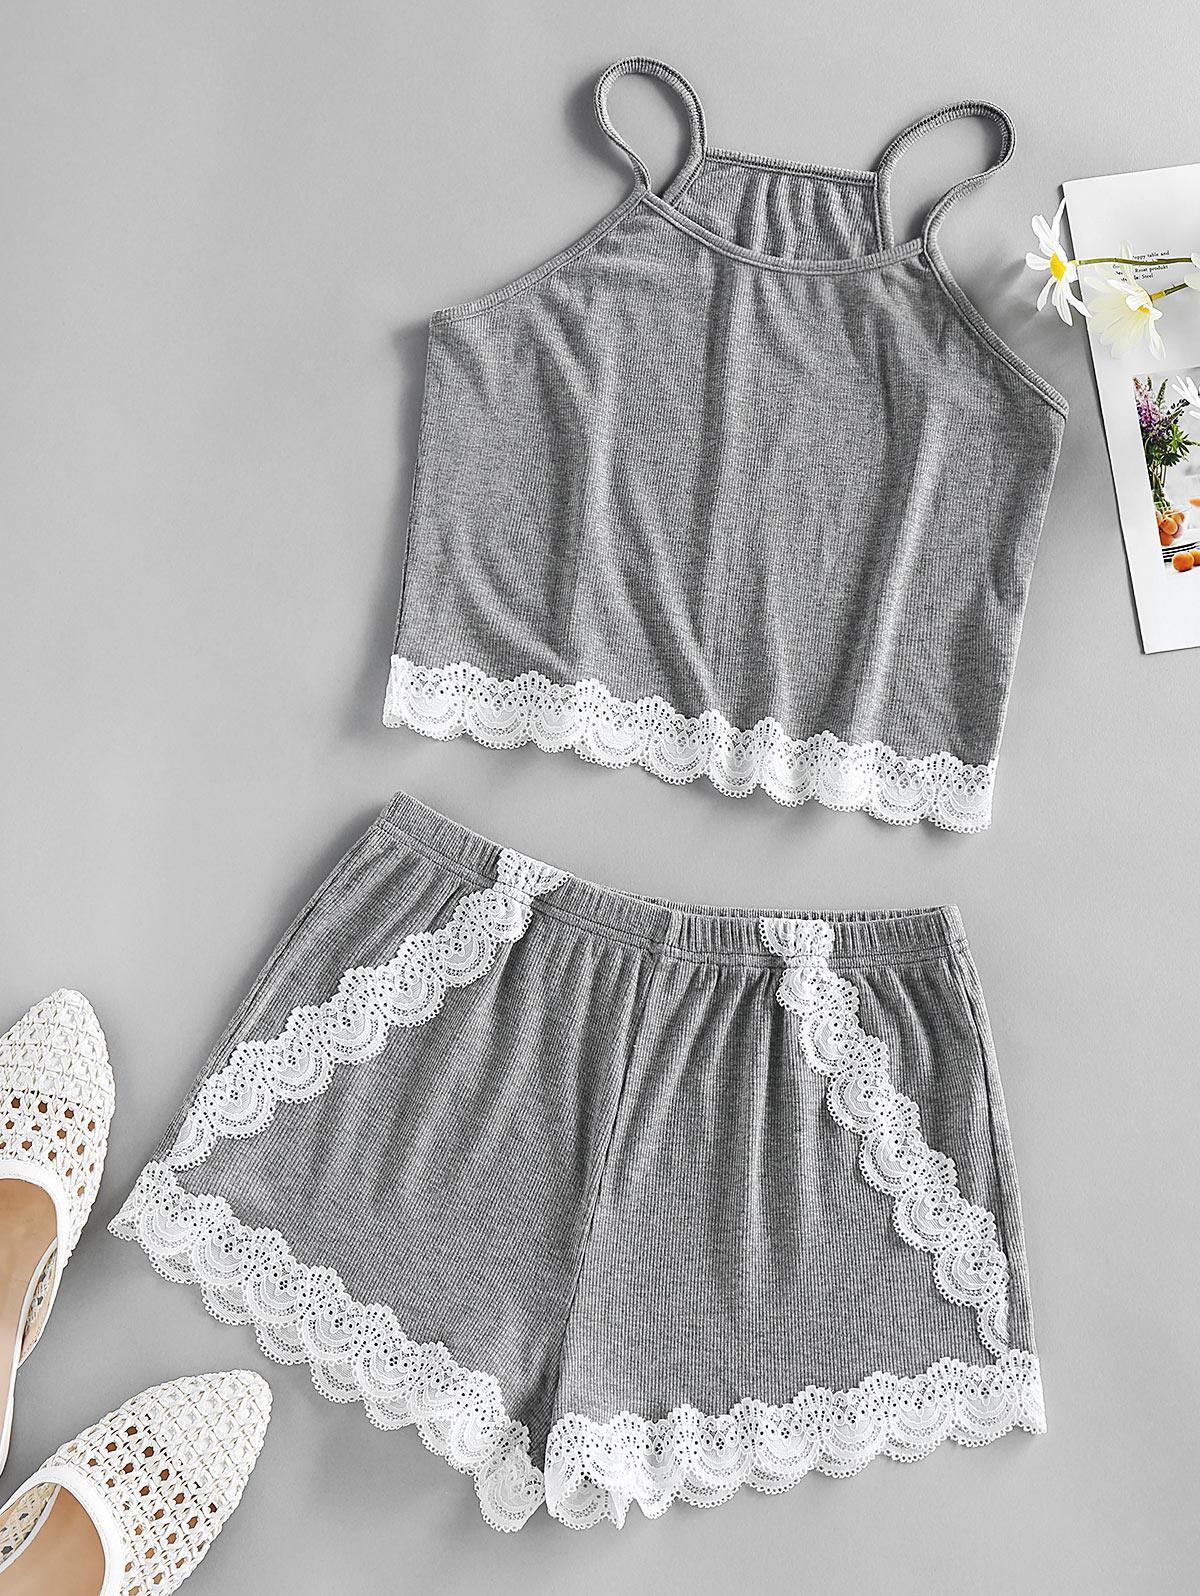 ZAFUL Contrast Lace Insert Scalloped Pajama Shorts Set